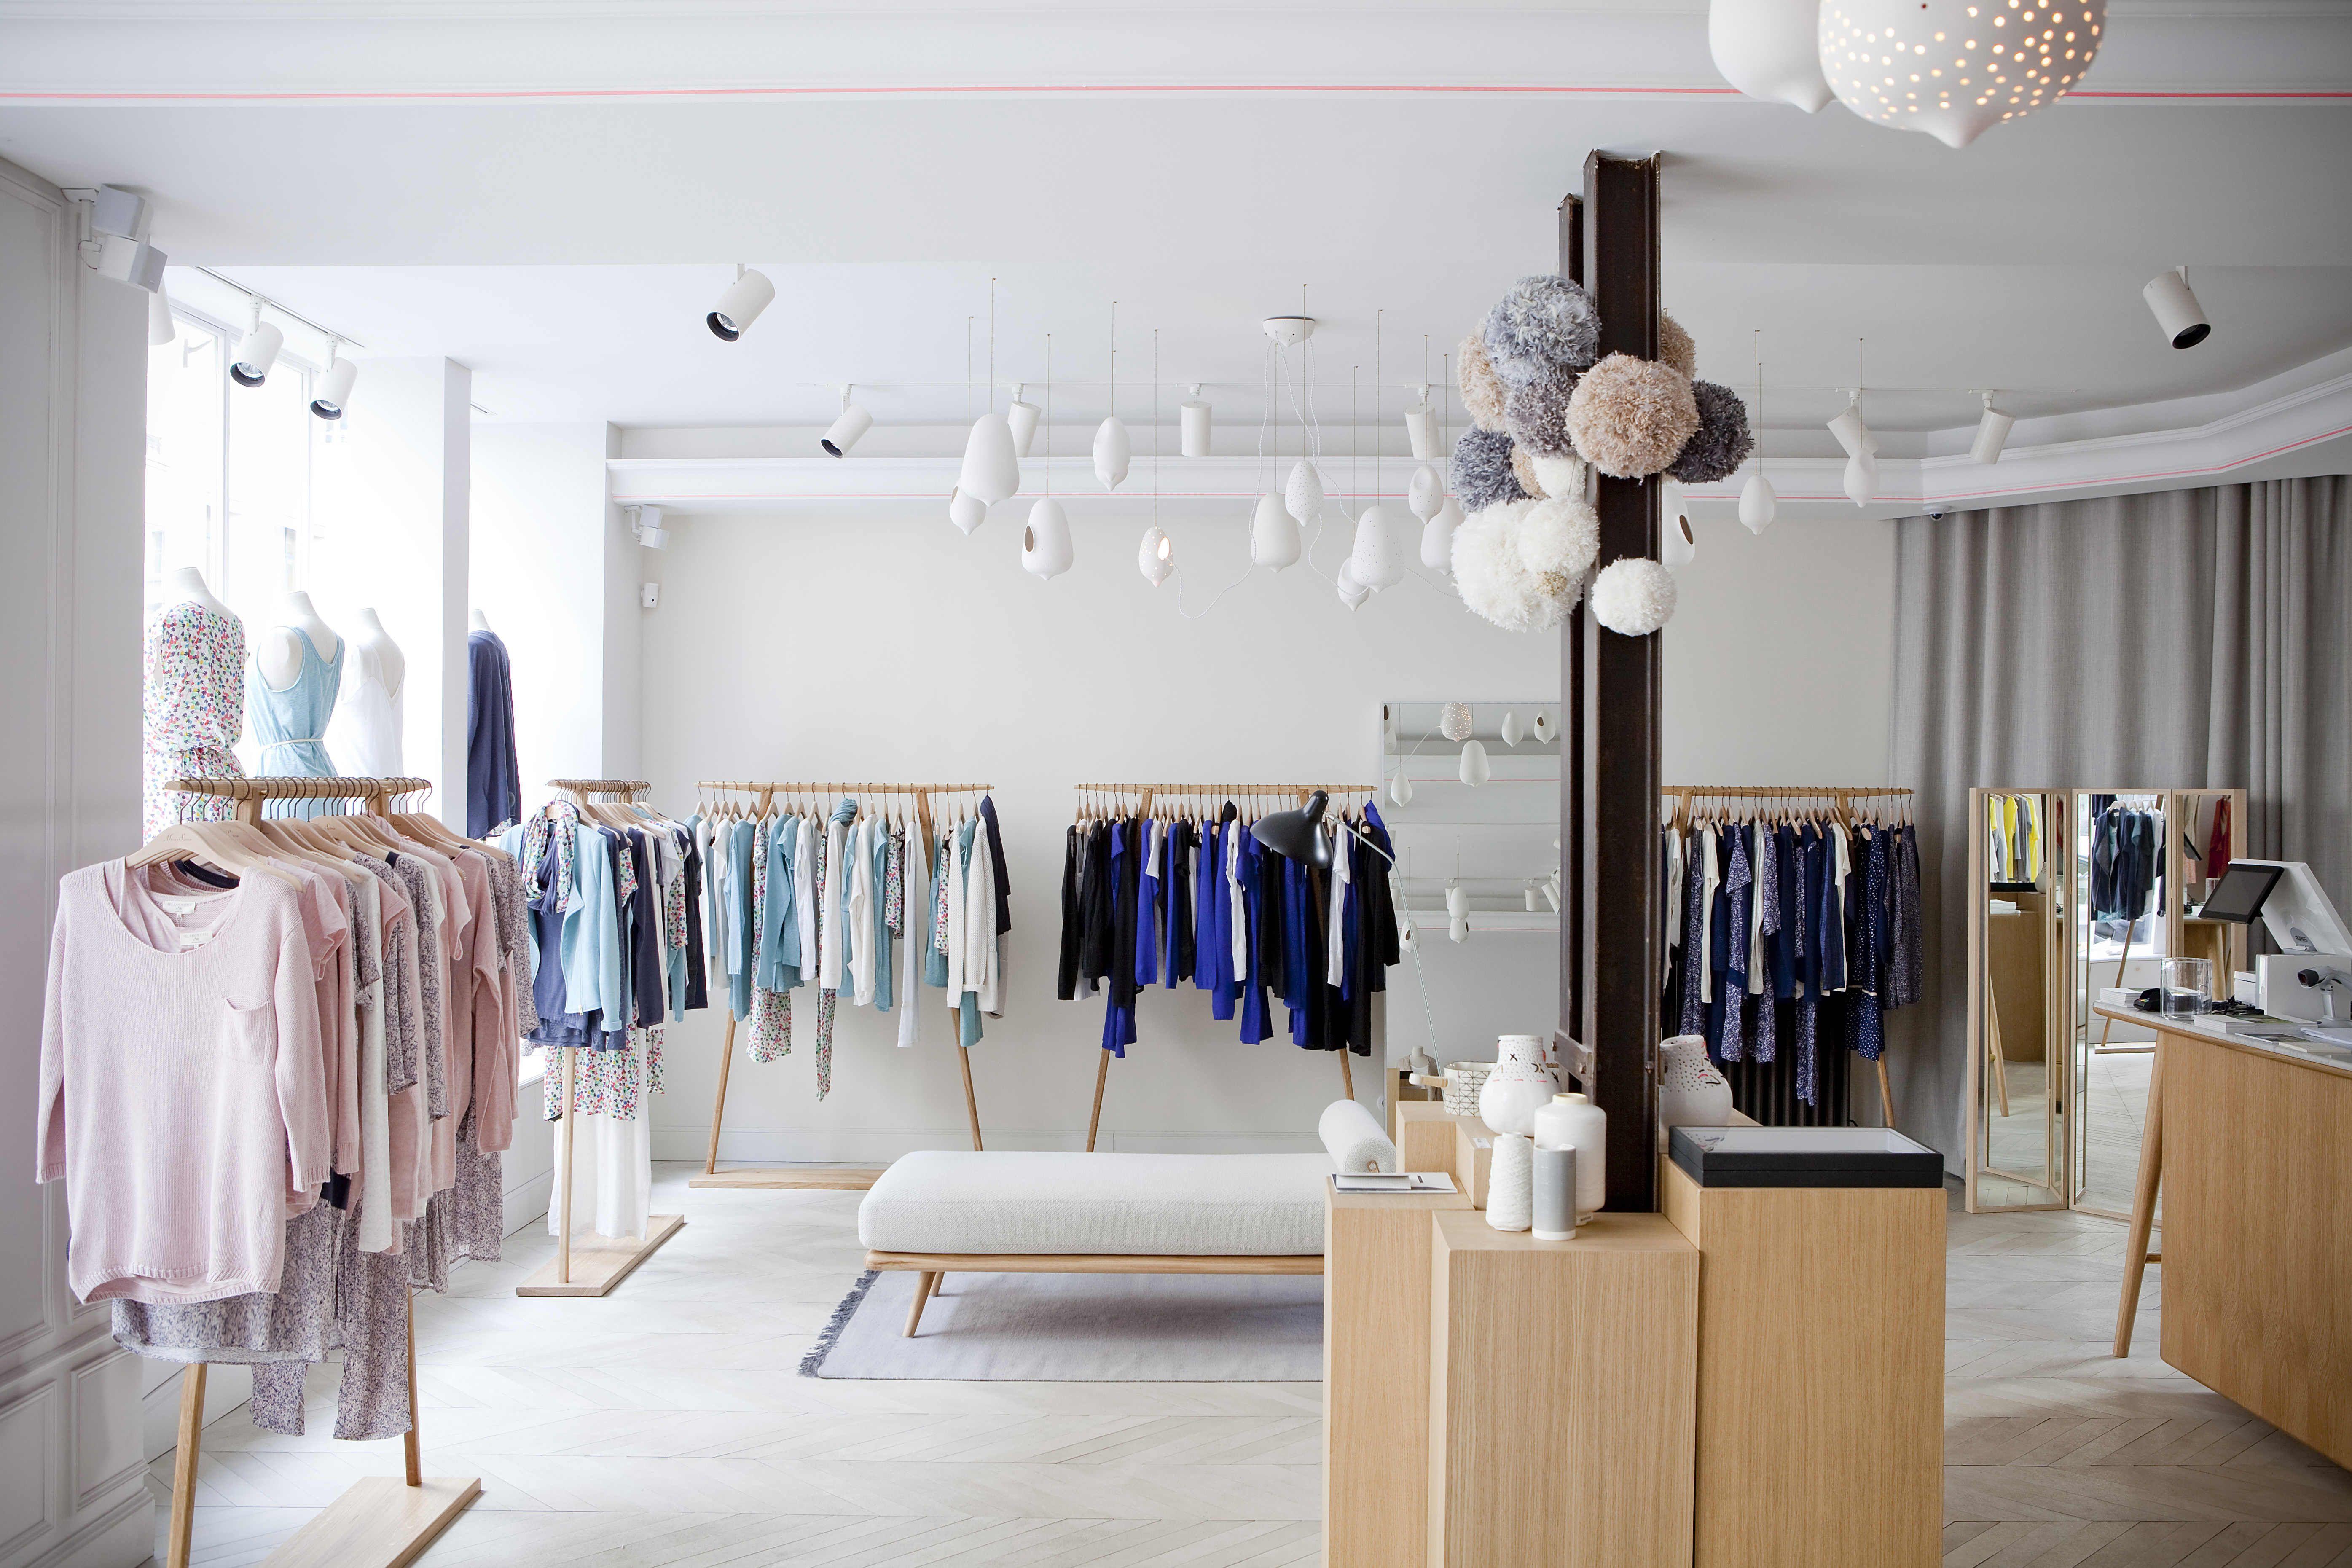 boutique marie sixtine 5 rue de charonne 75011 paris photo julie ansiau les boutiques. Black Bedroom Furniture Sets. Home Design Ideas